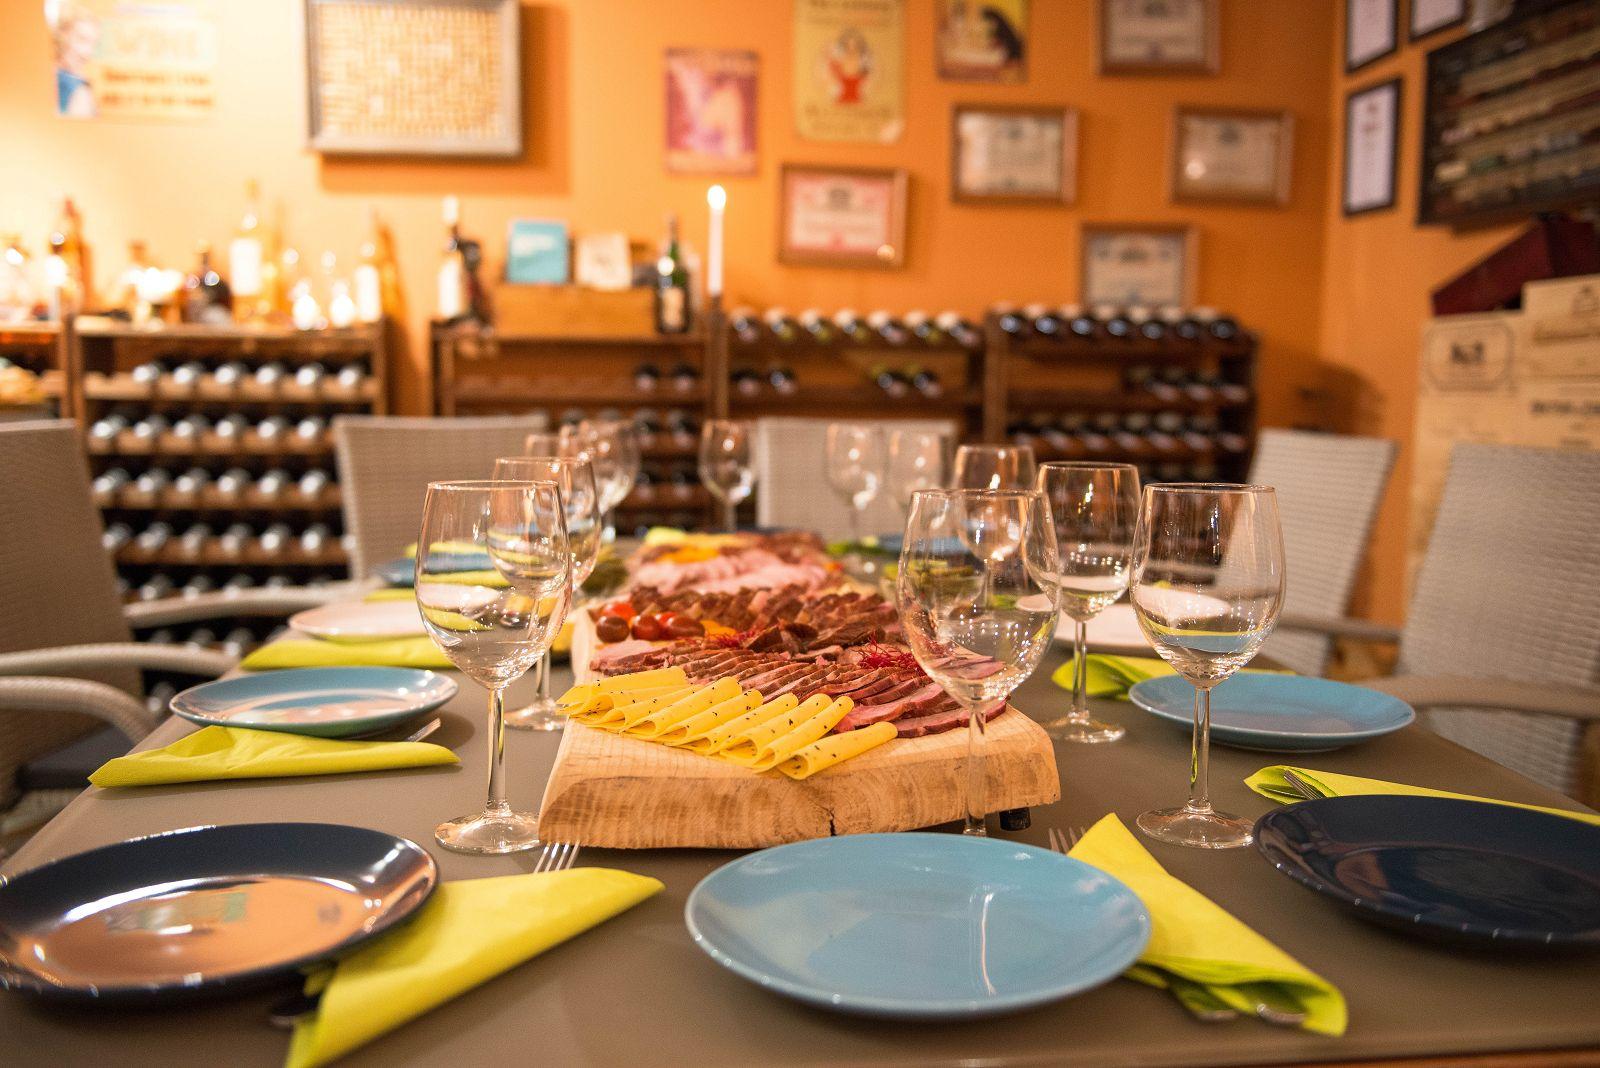 Degustacja swojskich wędlin i serów, Picie wina, winna biesiada